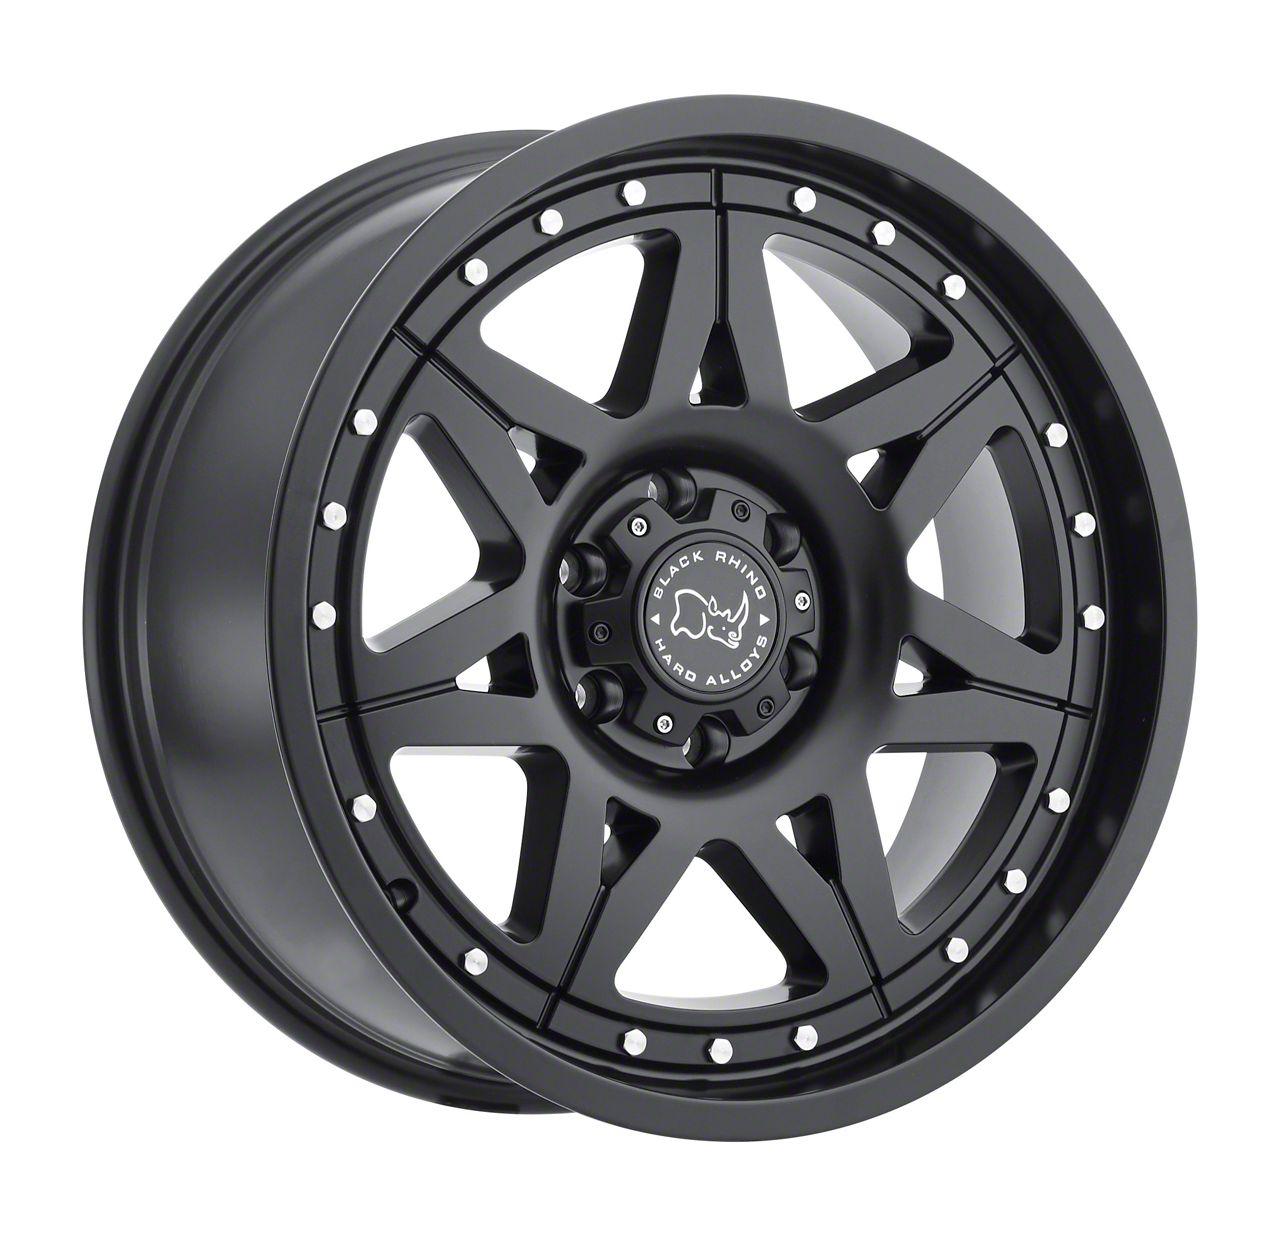 Black Rhino Hammer Matte Black 6-Lug Wheel - 18x9 (99-19 Silverado 1500)